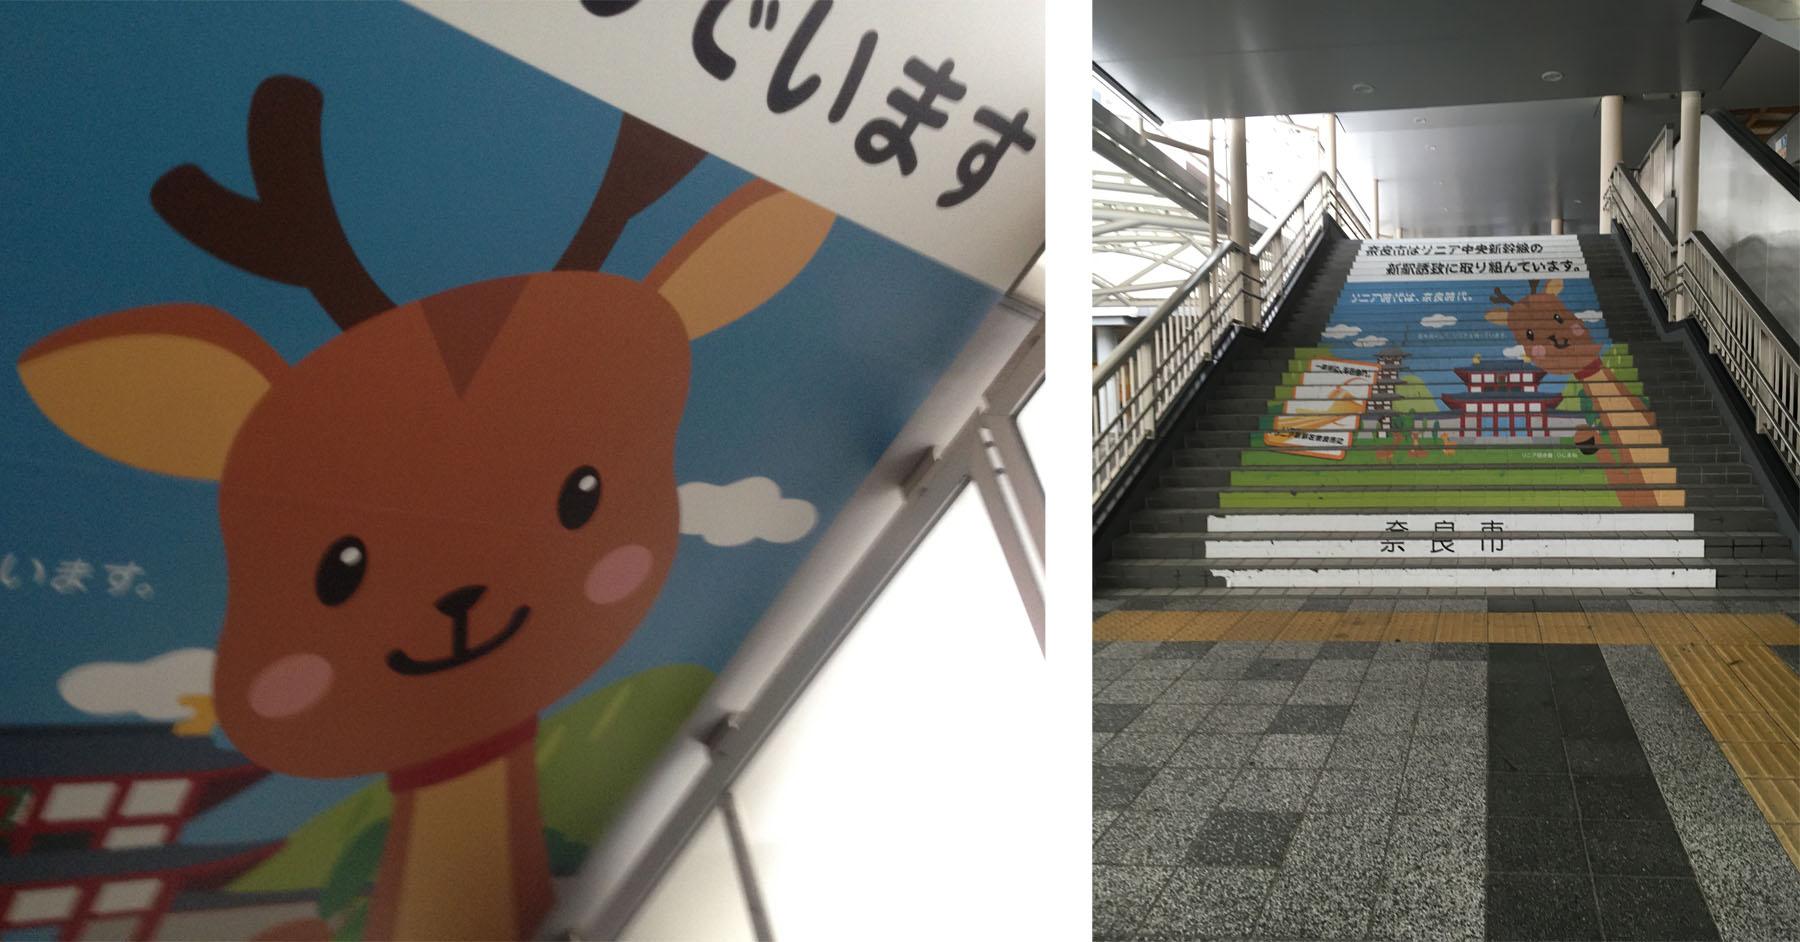 Roku at the JR Train Station!